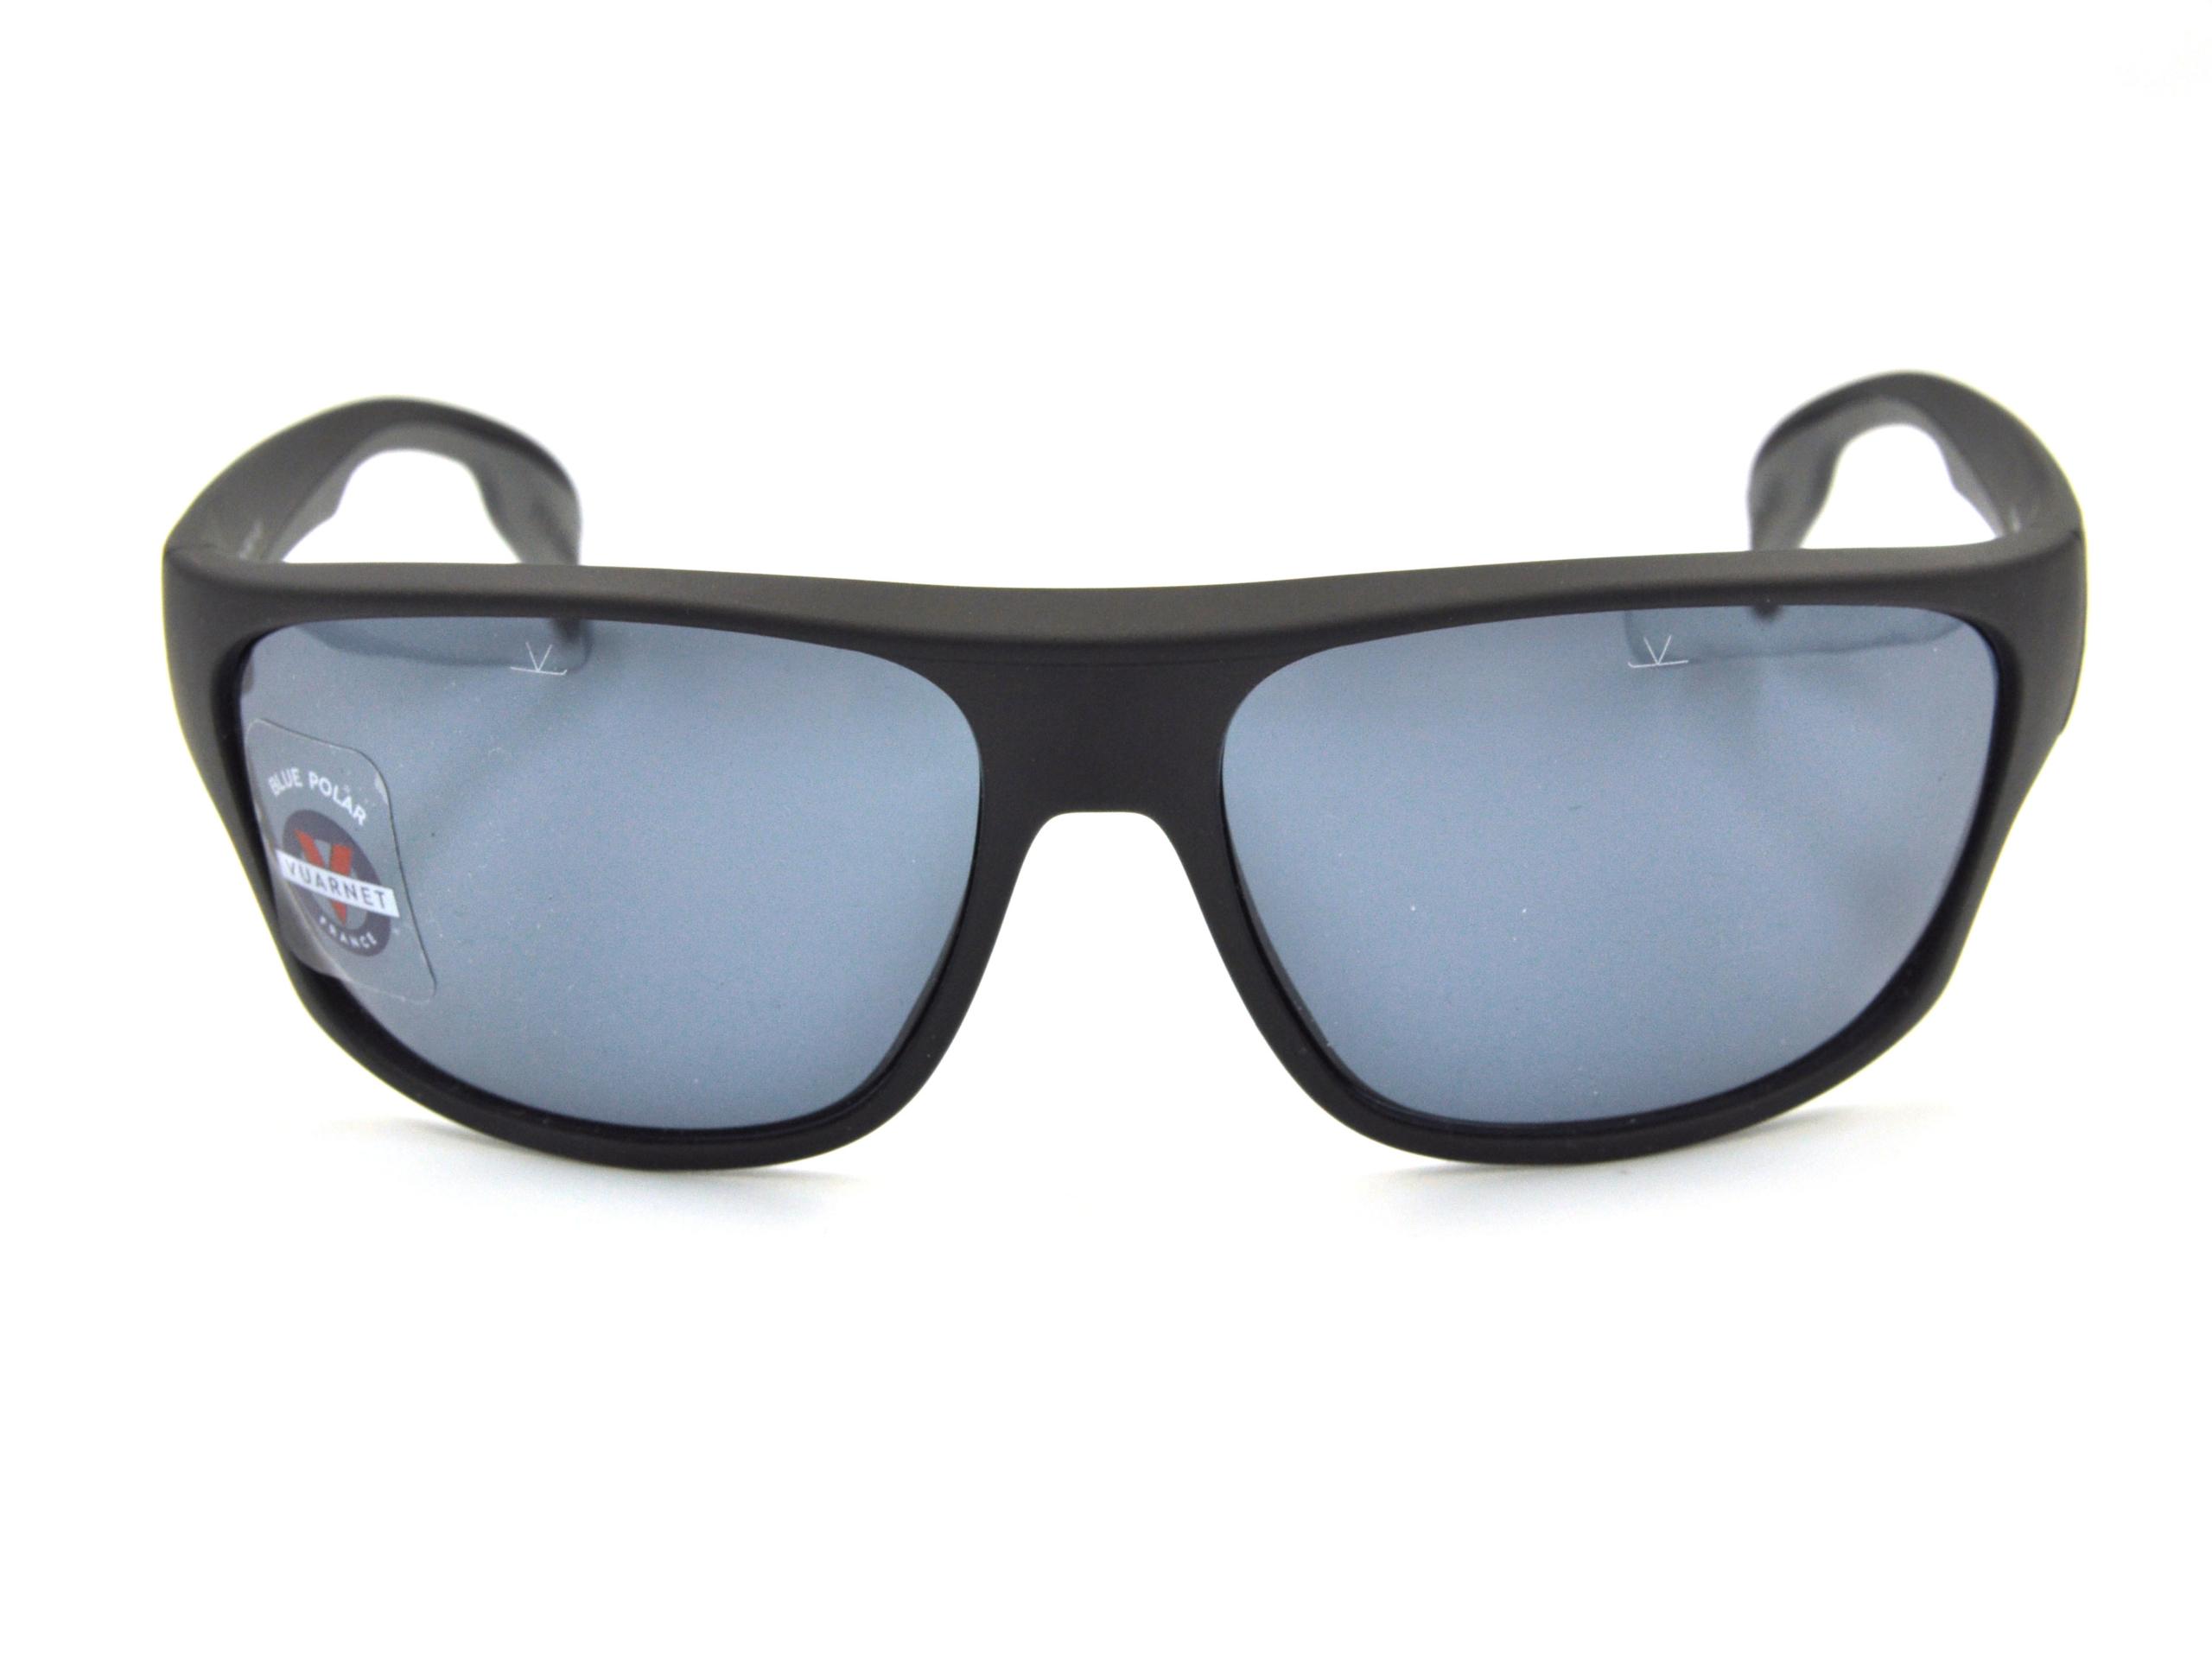 Γυαλιά ηλίου VUARNET VL1402 0001 Πειραιάς